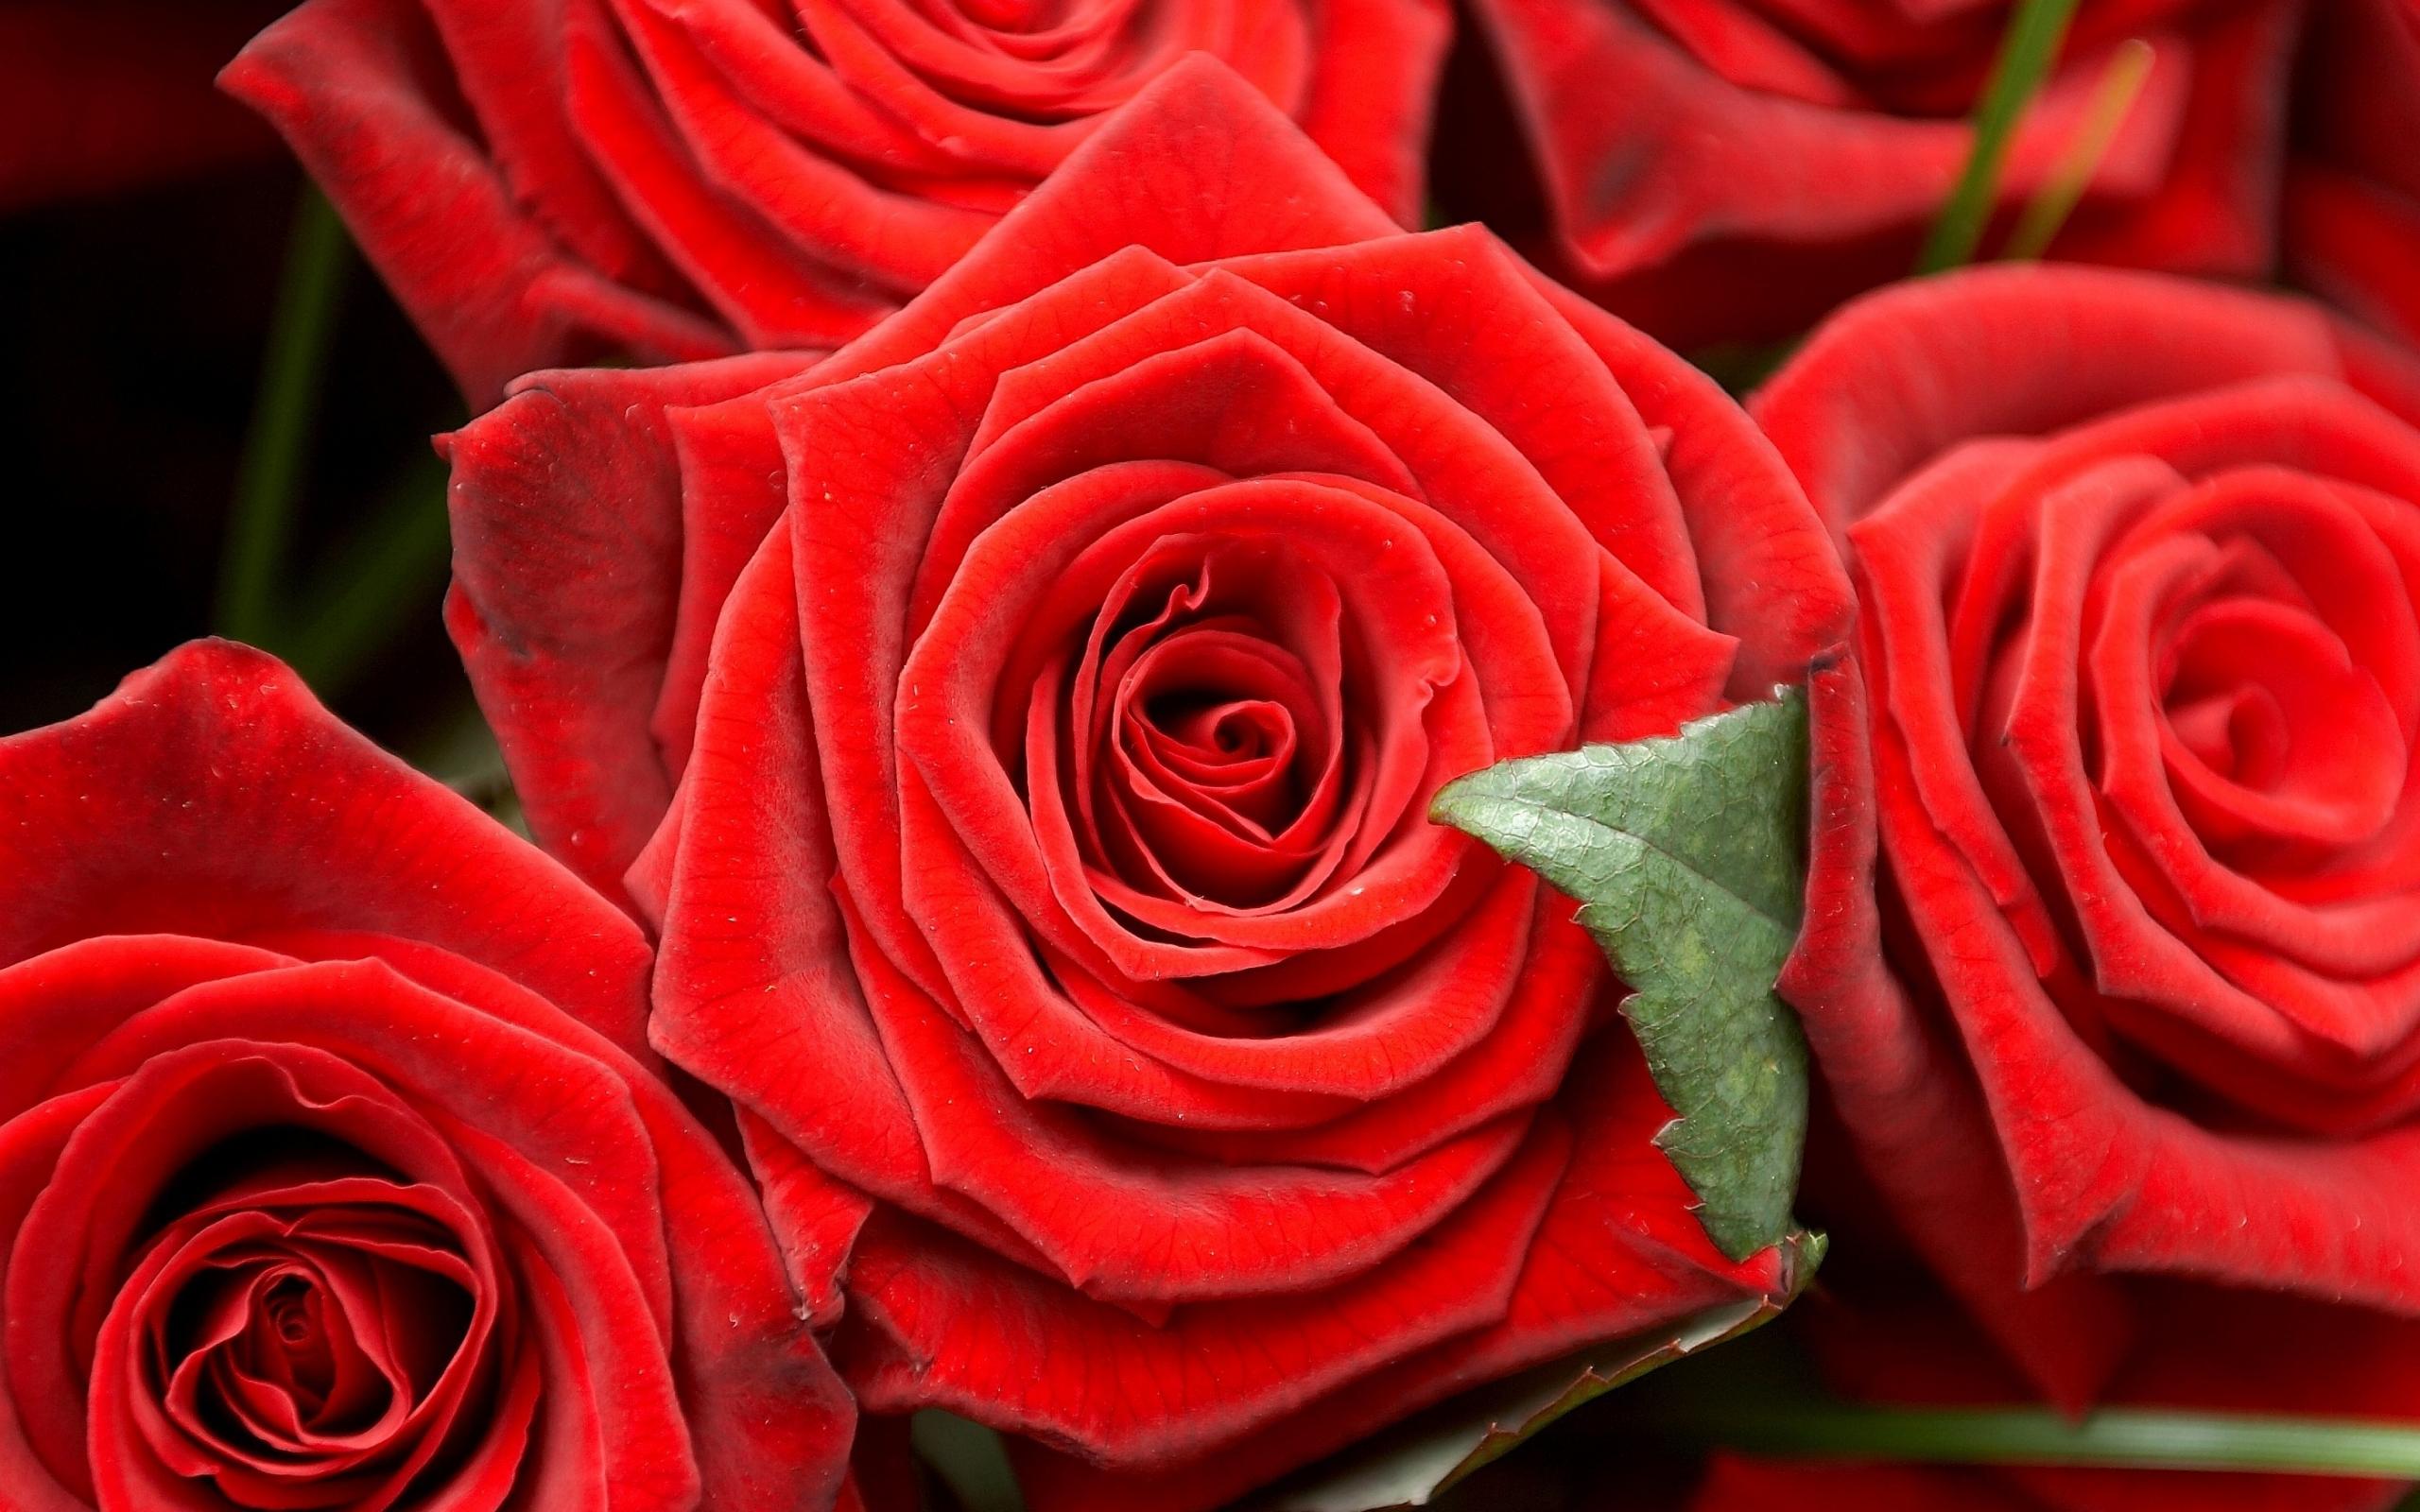 36756 скачать Красные обои на телефон бесплатно, Растения, Цветы, Розы Красные картинки и заставки на мобильный